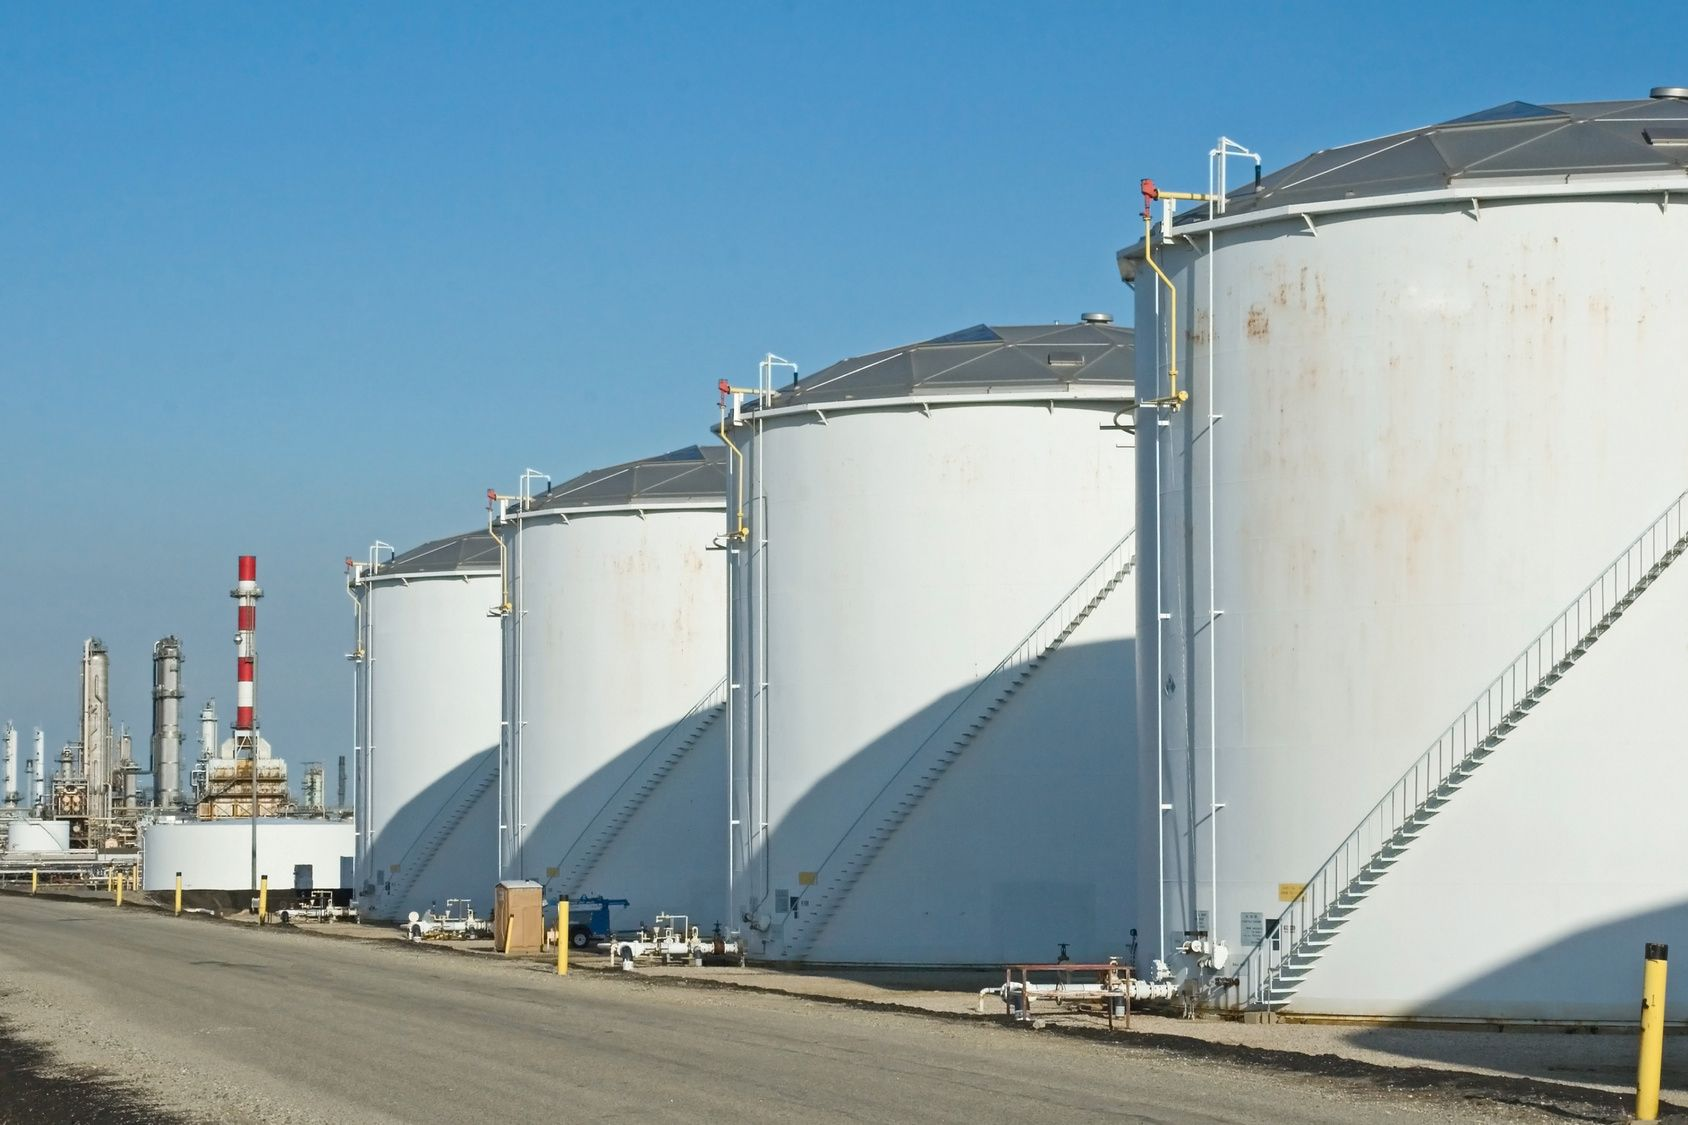 Simg 13 Jpg 1688 1125 Oil Storage Water Storage Tanks Oil Refinery